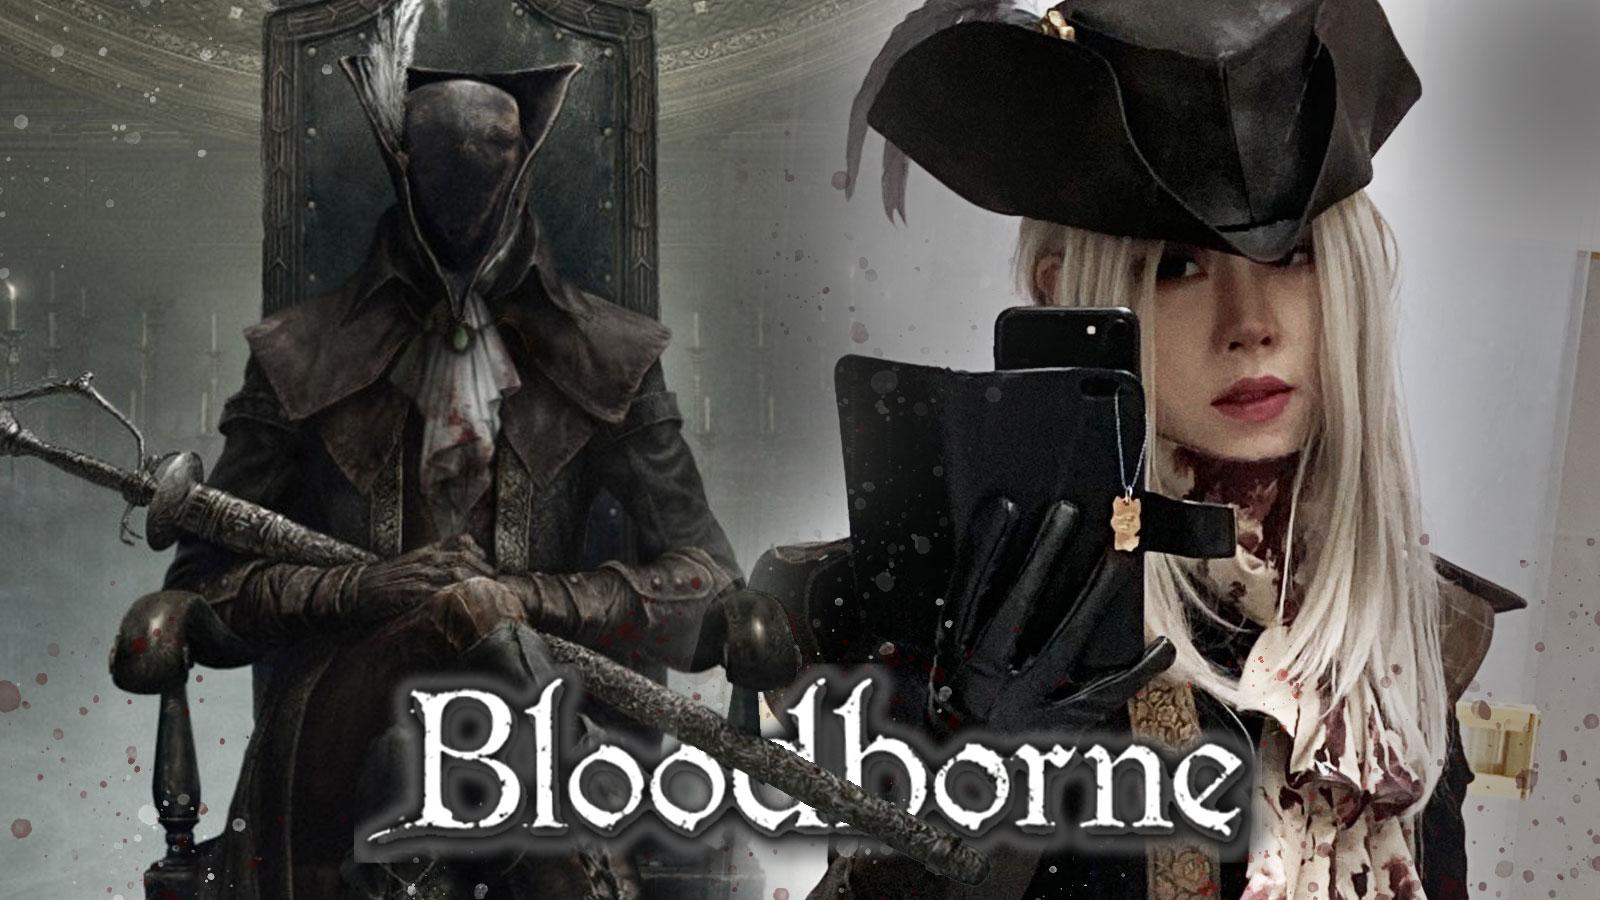 lady maria bloodborne cosplay